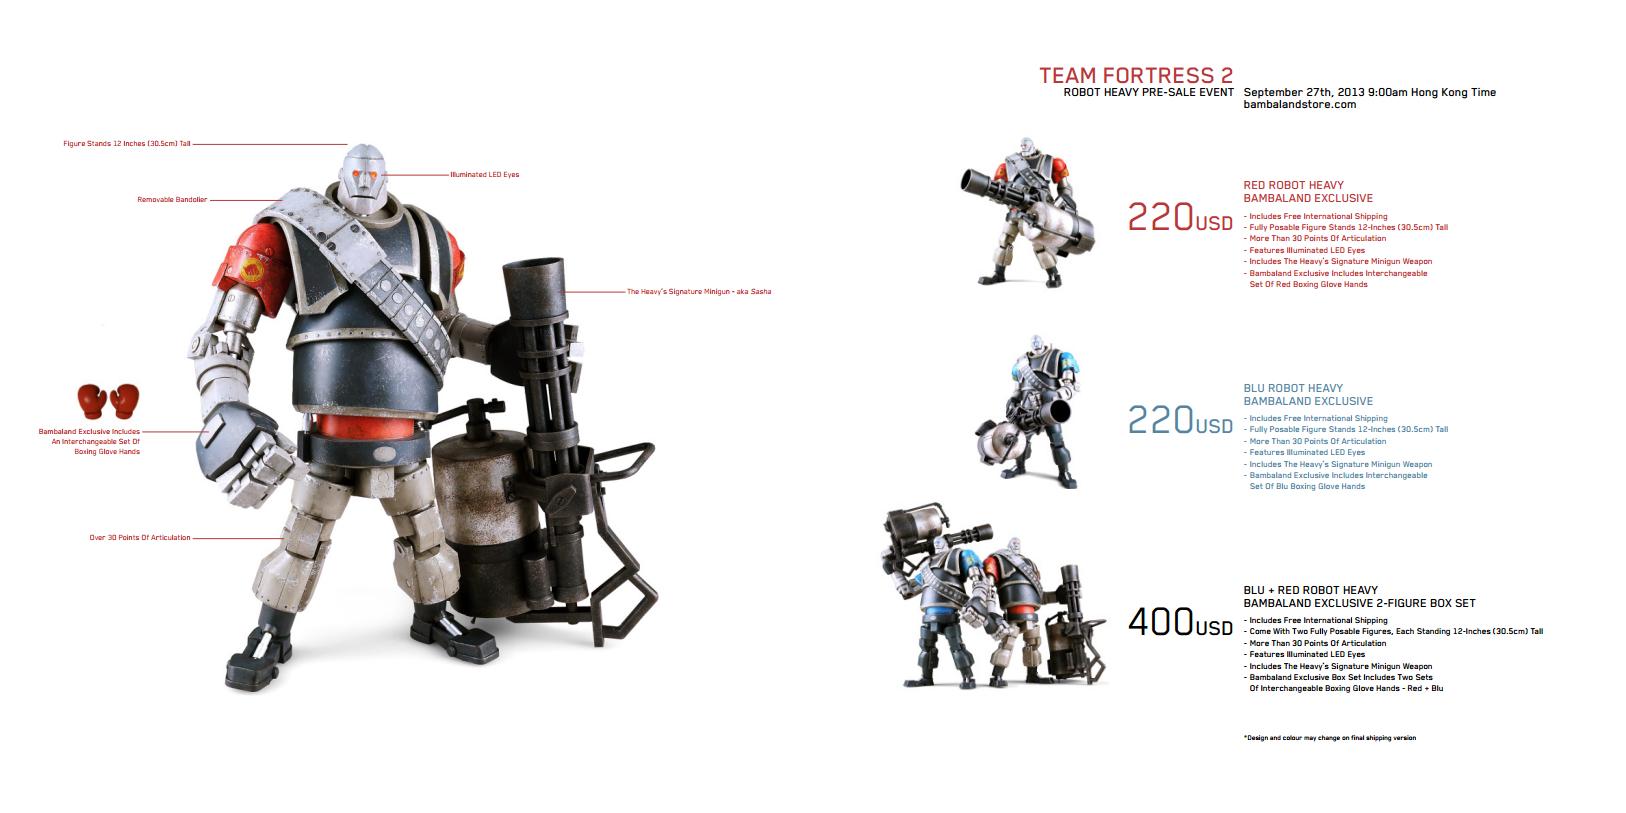 Анонсированы новые фигурки по Team Fortress 2. - Изображение 1